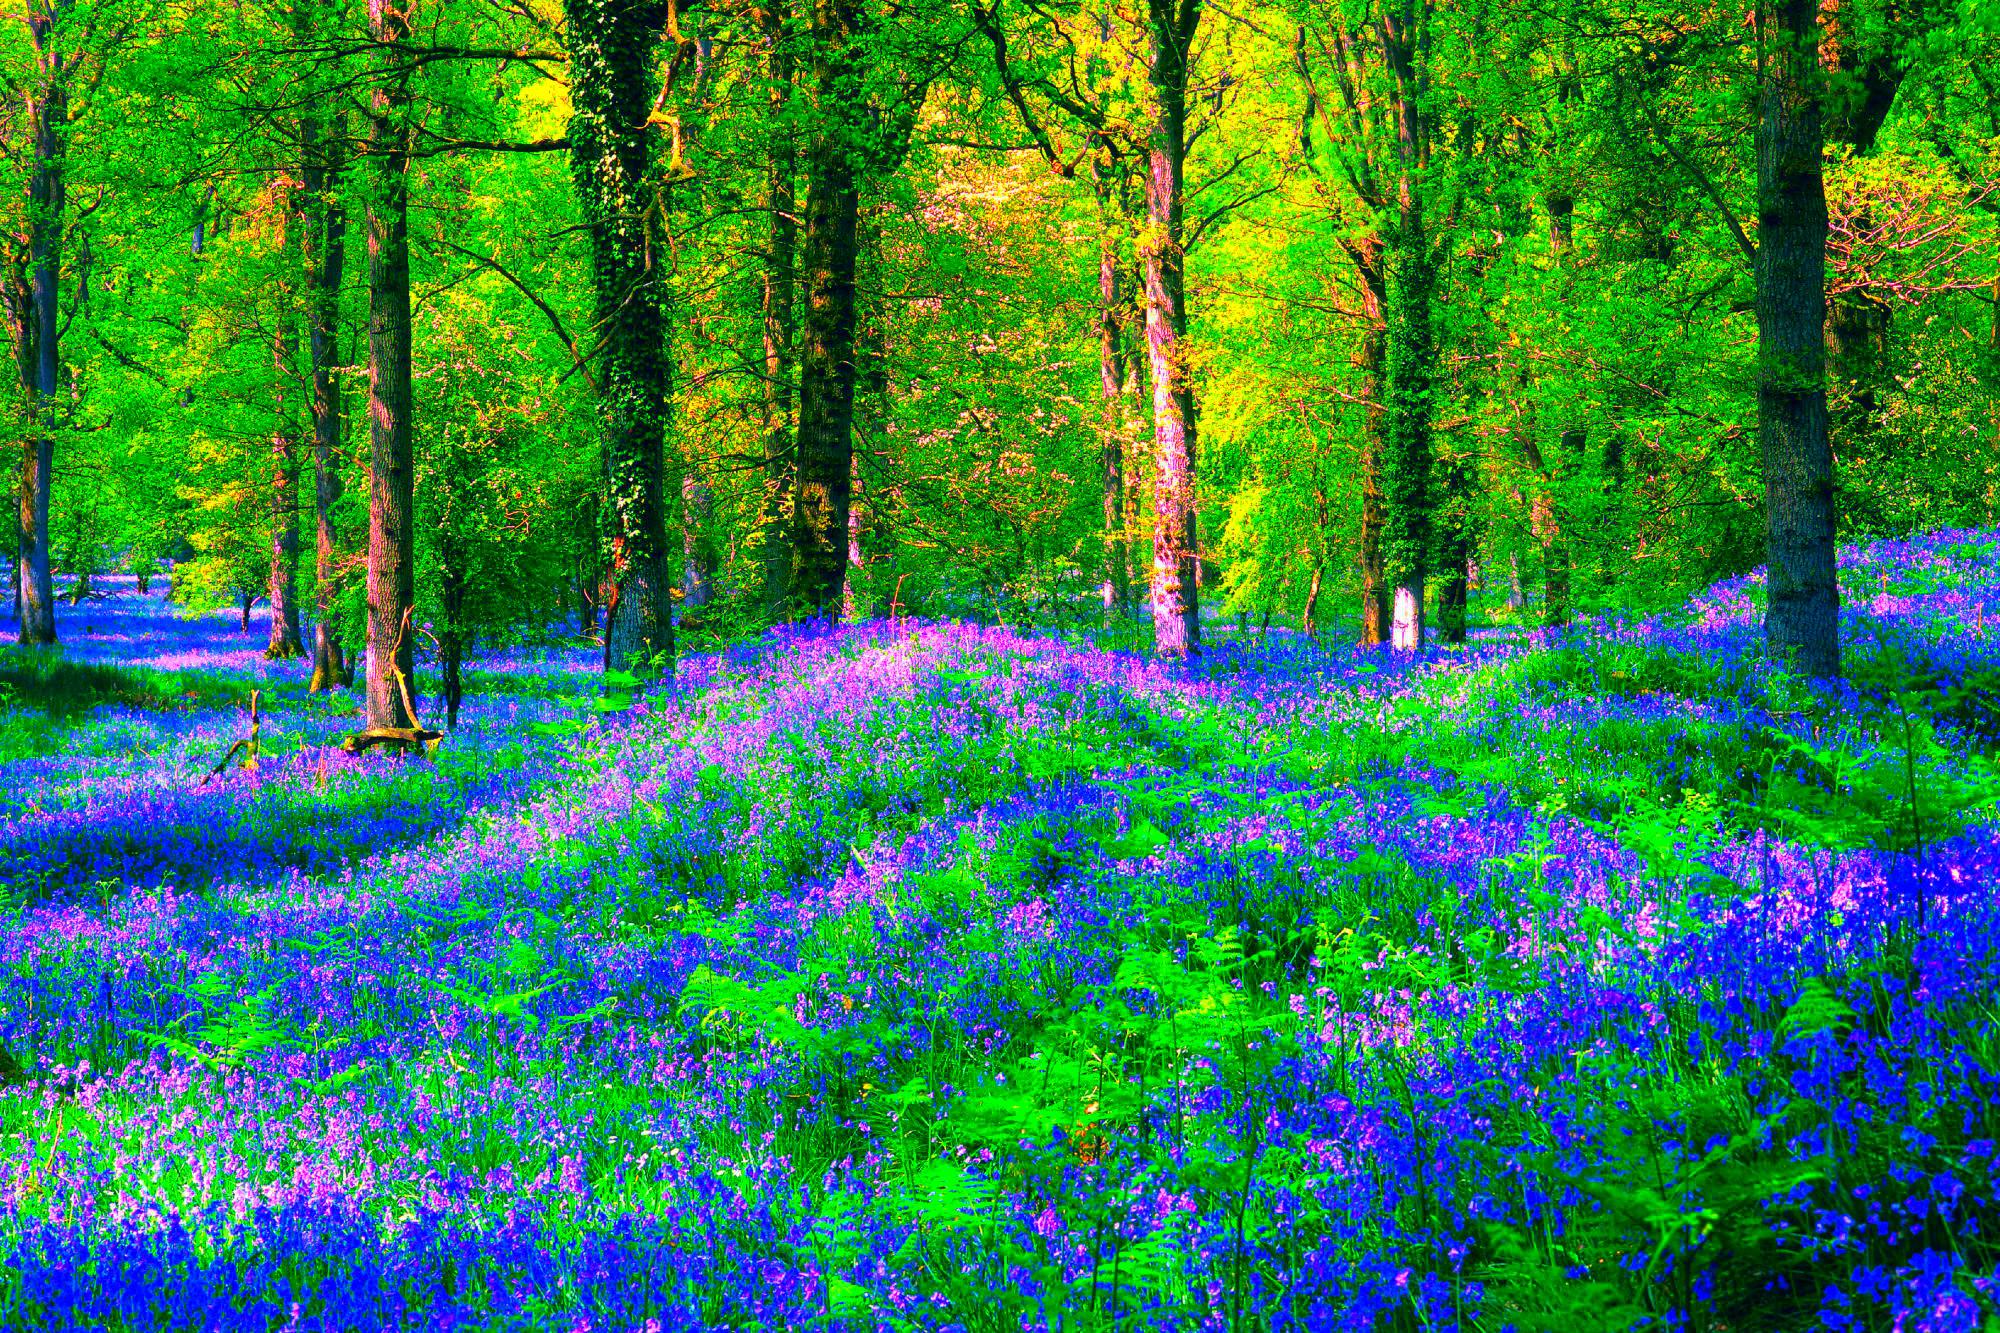 красивый весенний лес фотографии на рабочий стол